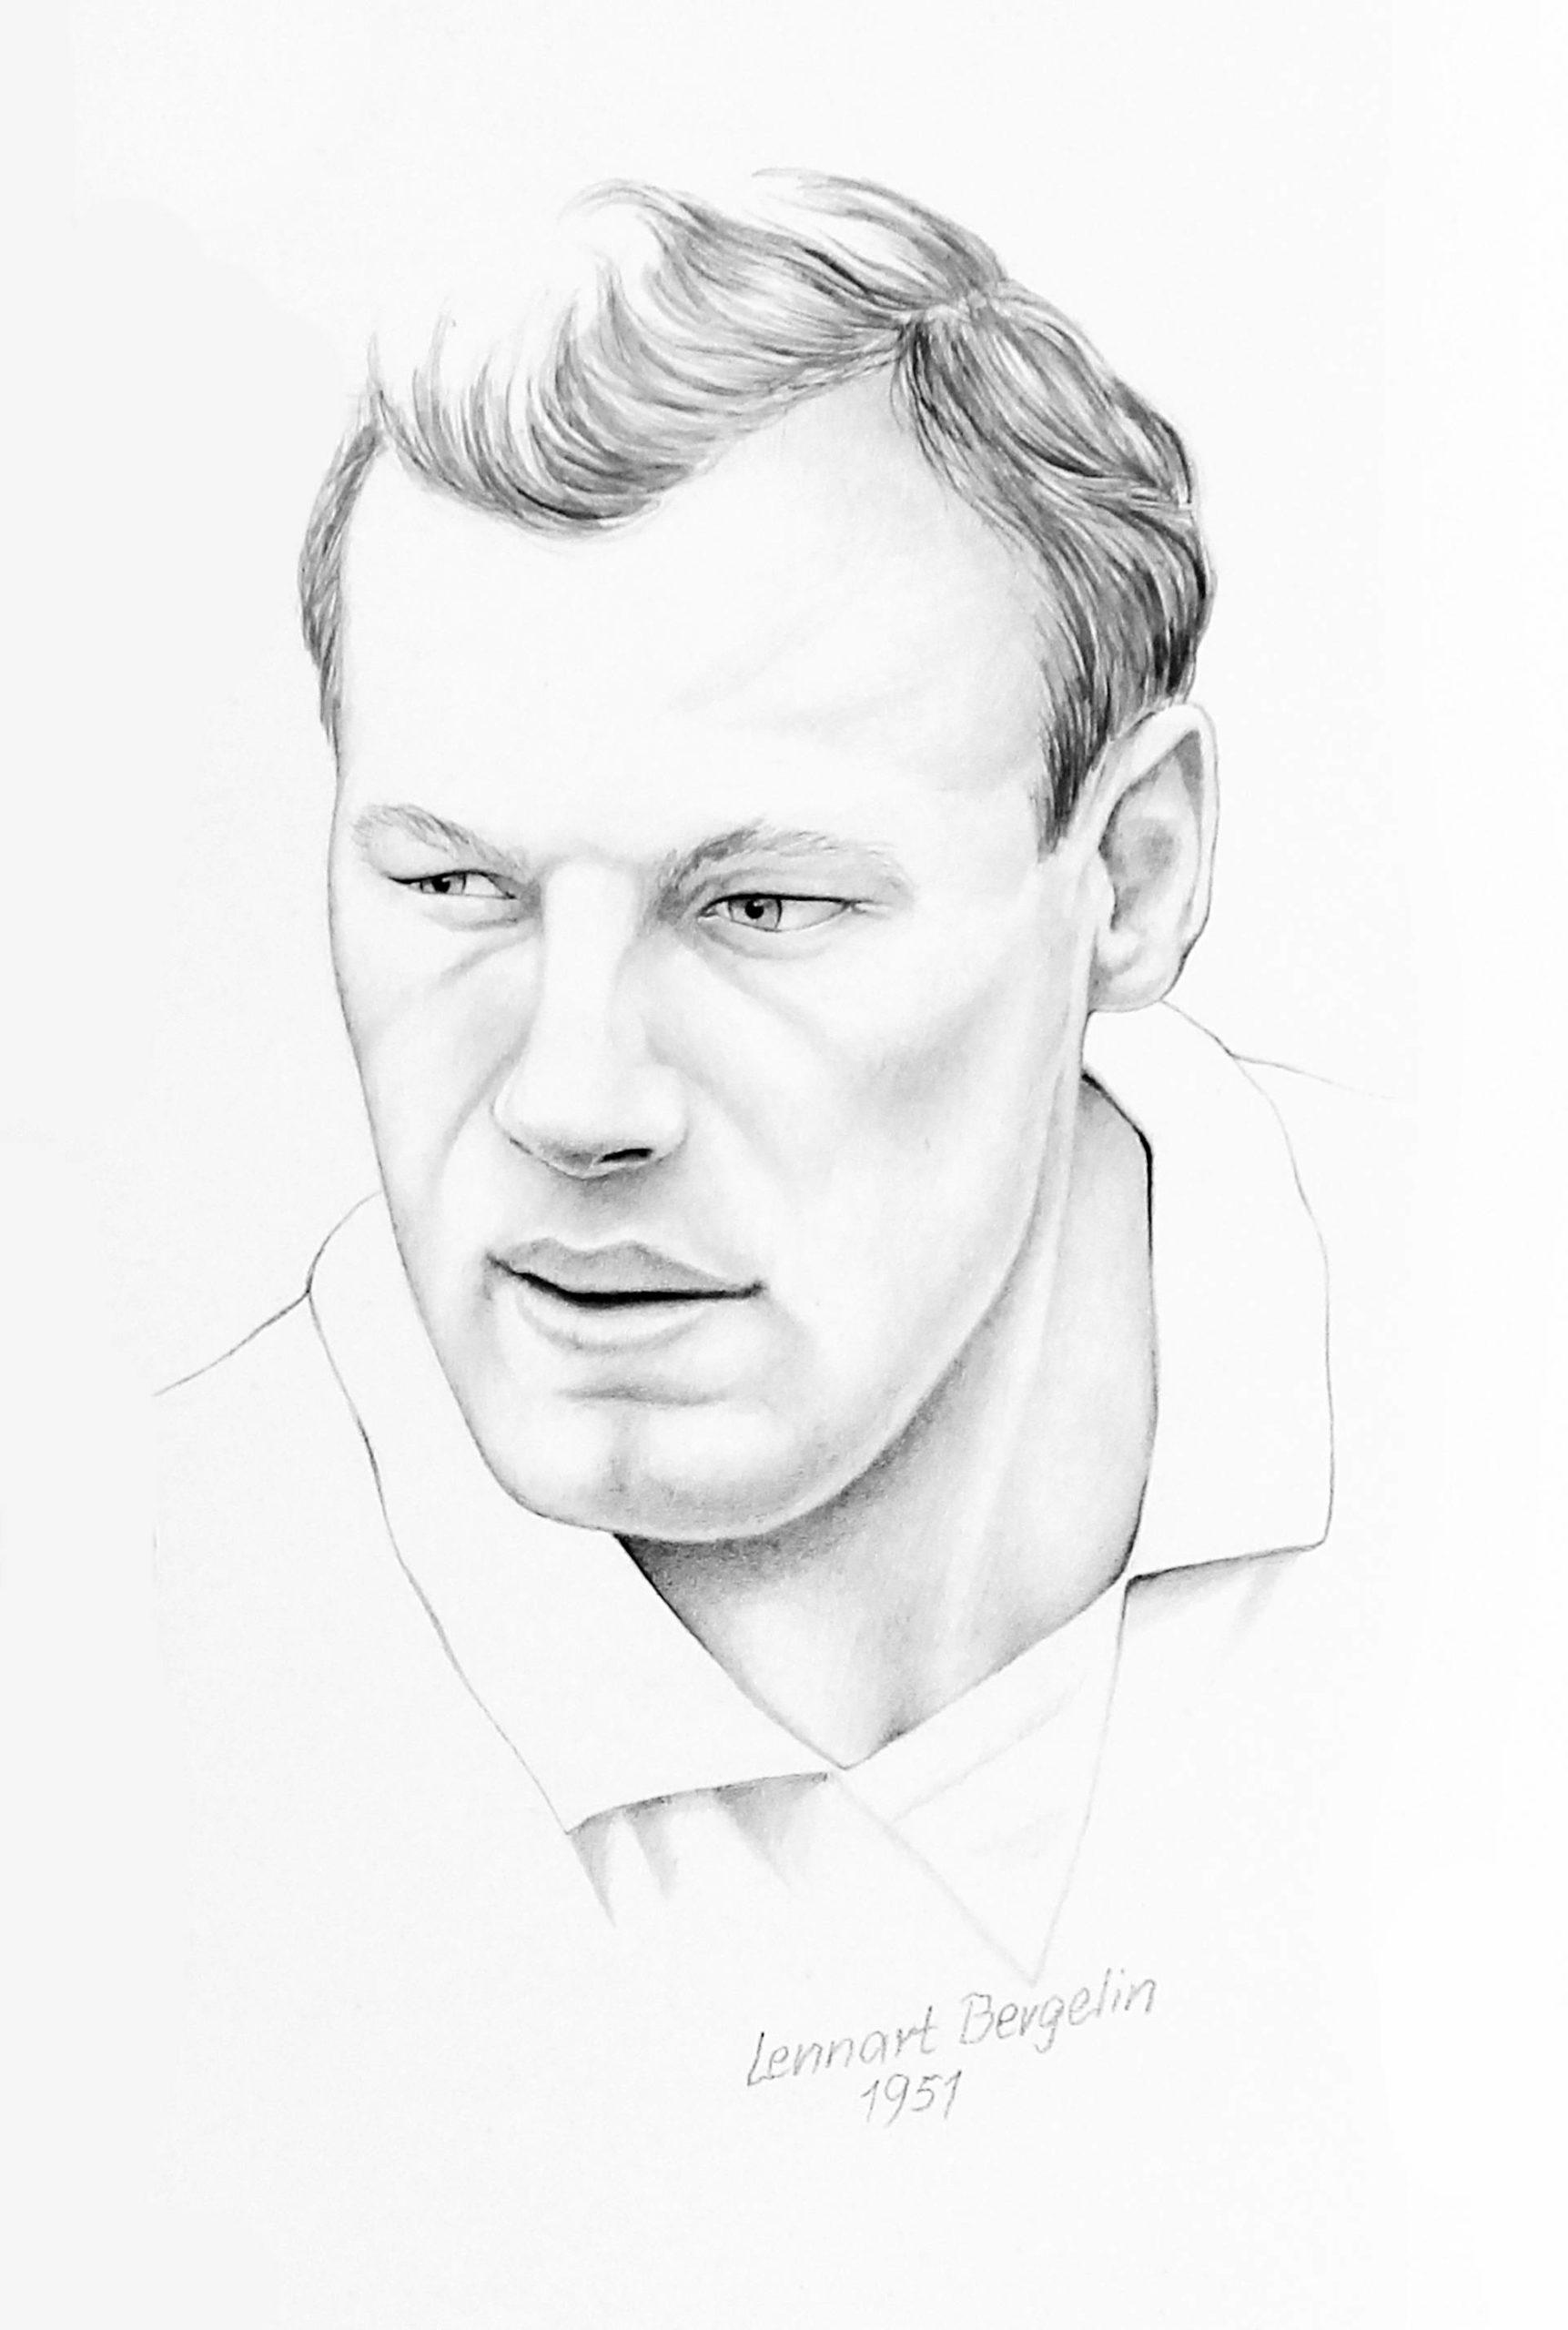 Lennart Bergelin